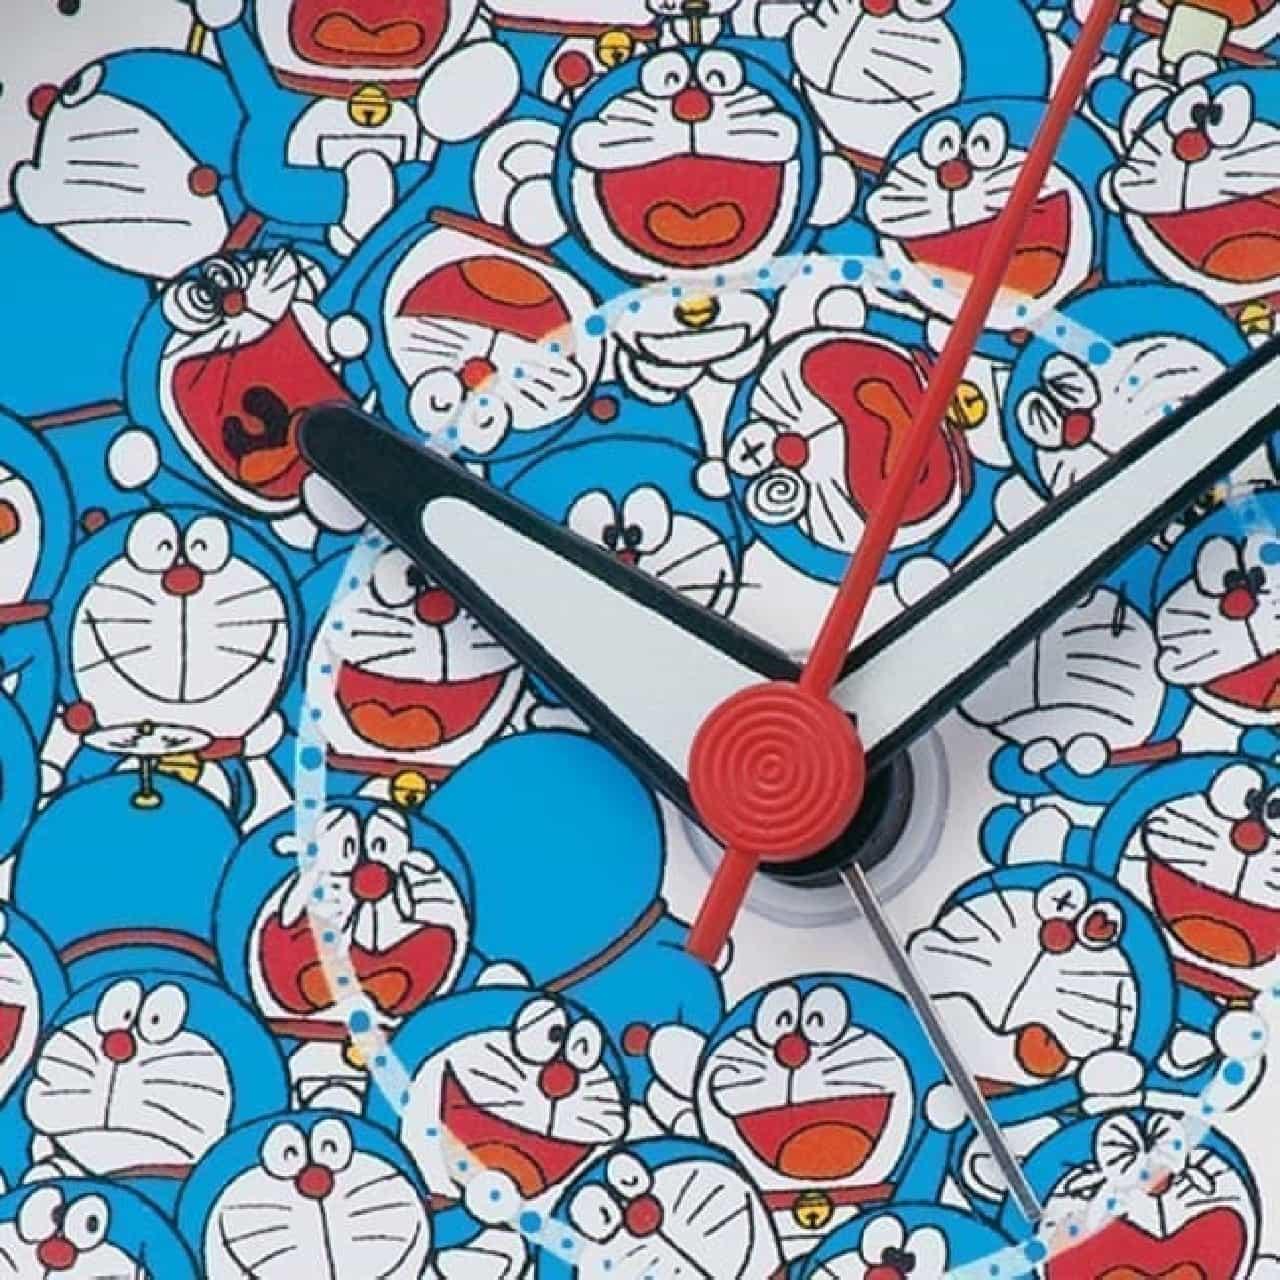 「ドラえもん」50周年記念の目覚まし時計がセイコークロックから